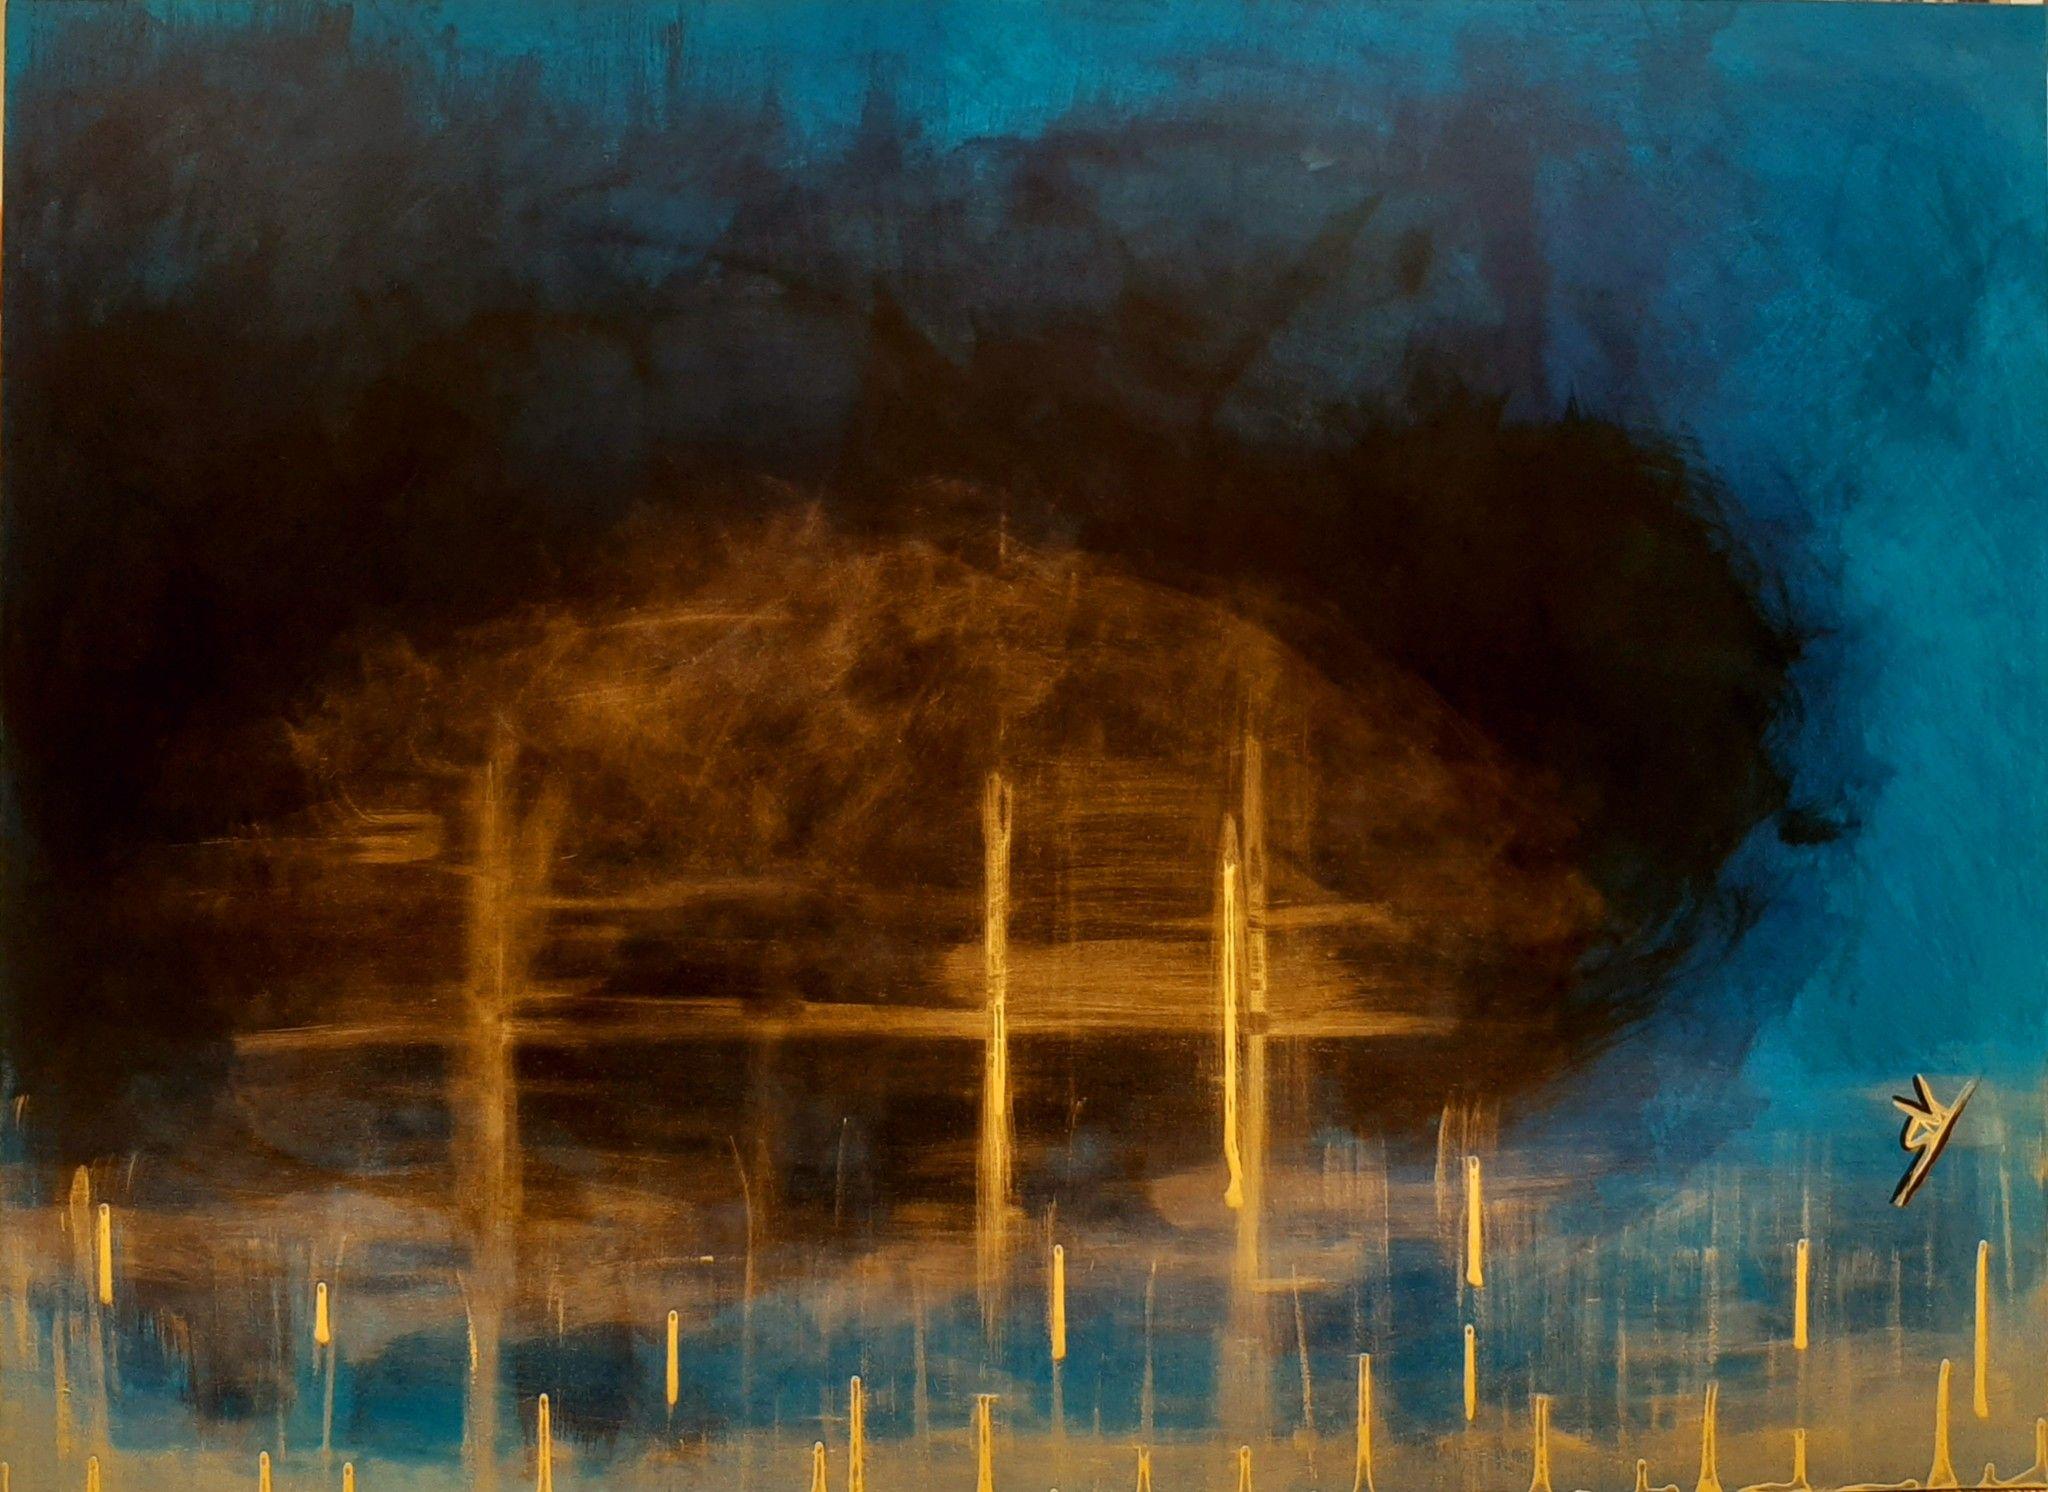 ACRILICO SU TELA SANDRA VALDEVILT ' ORO NEL BLU '  dimensioni L 130 x H 90 cm.